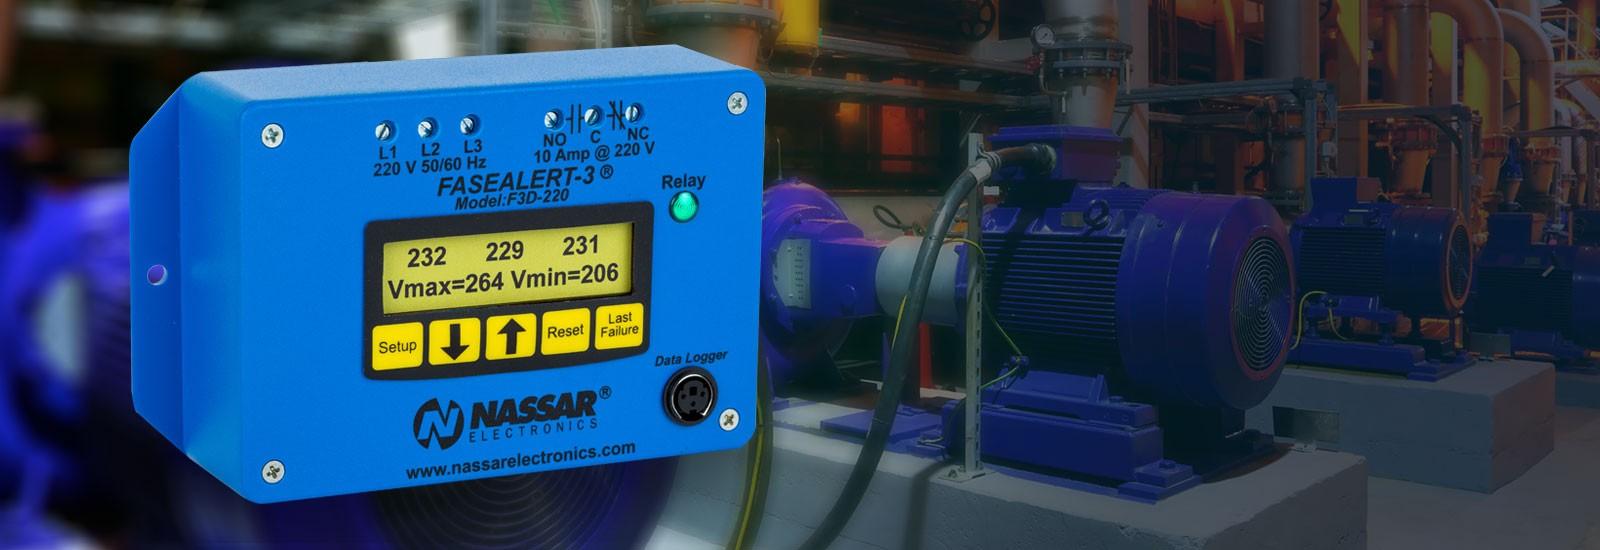 FaseAlert-3 de Nassar Electronics.  Protege motores y equipos contra fallas de voltajes